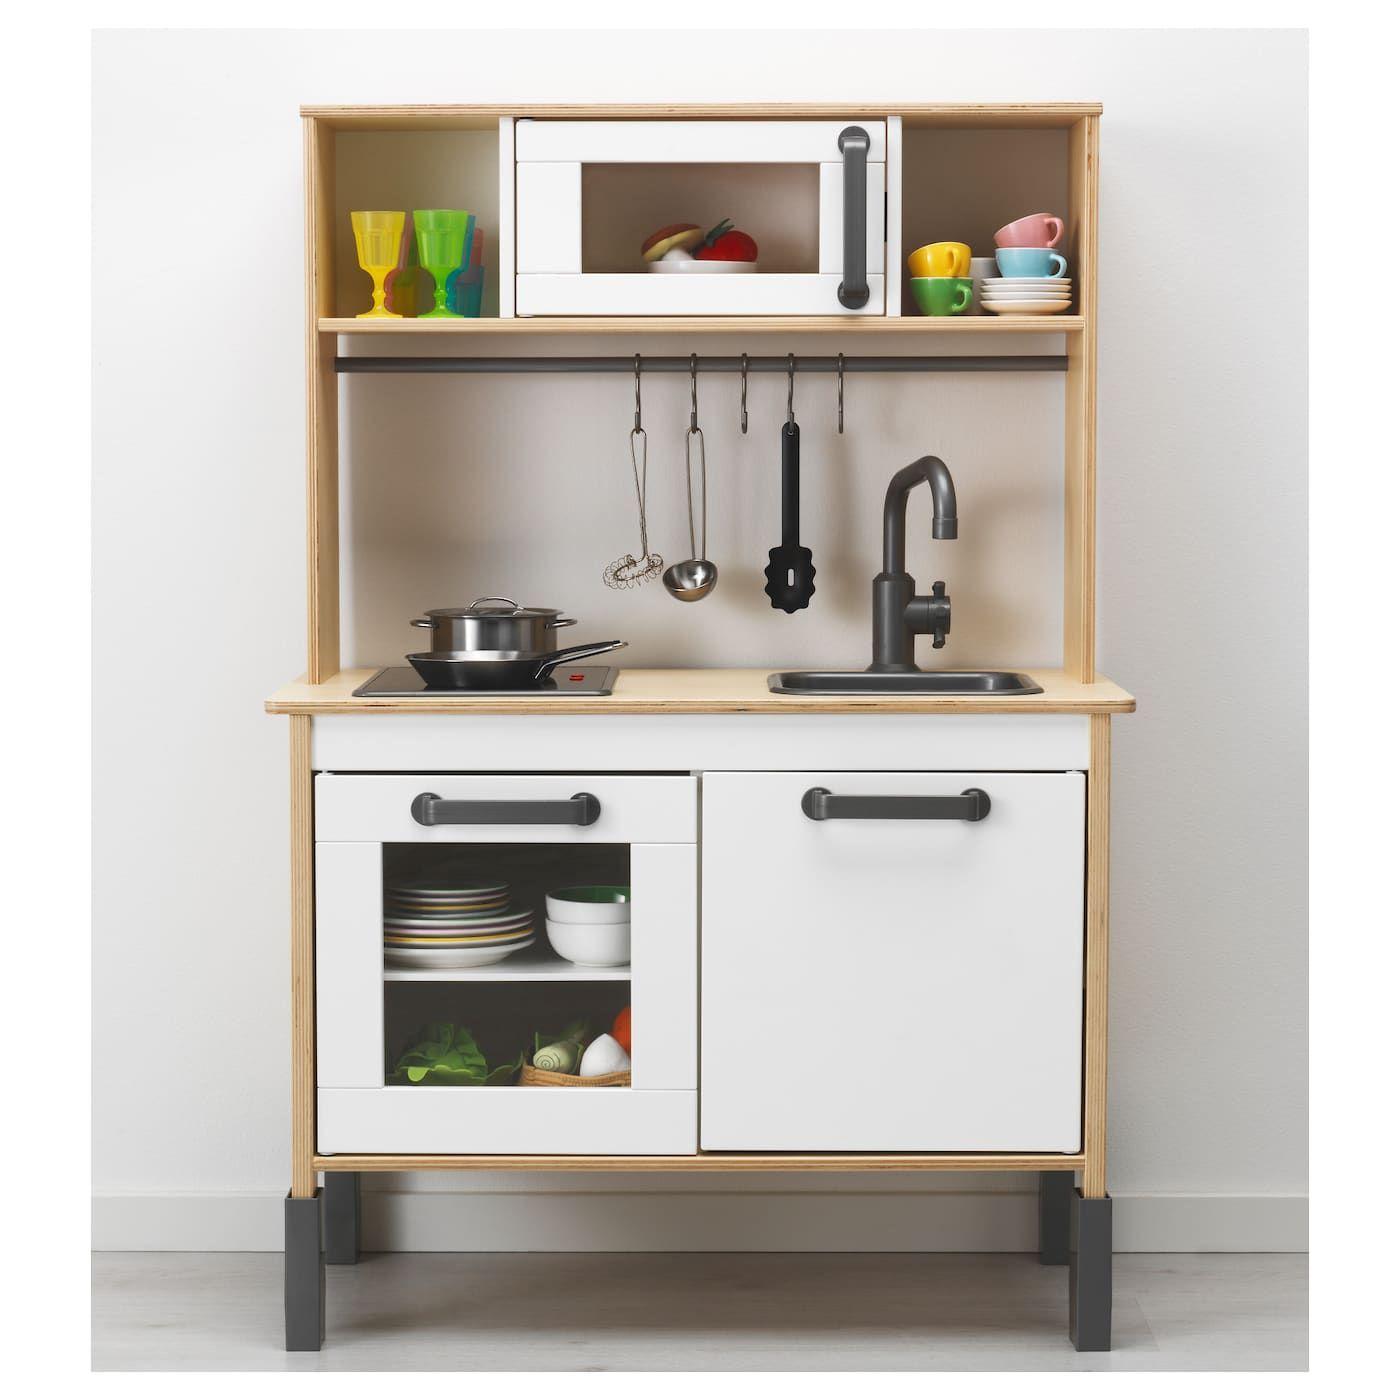 """DUKTIG Play kitchen birch 28 3/8x15 3/4x42 7/8 """" in 2020"""